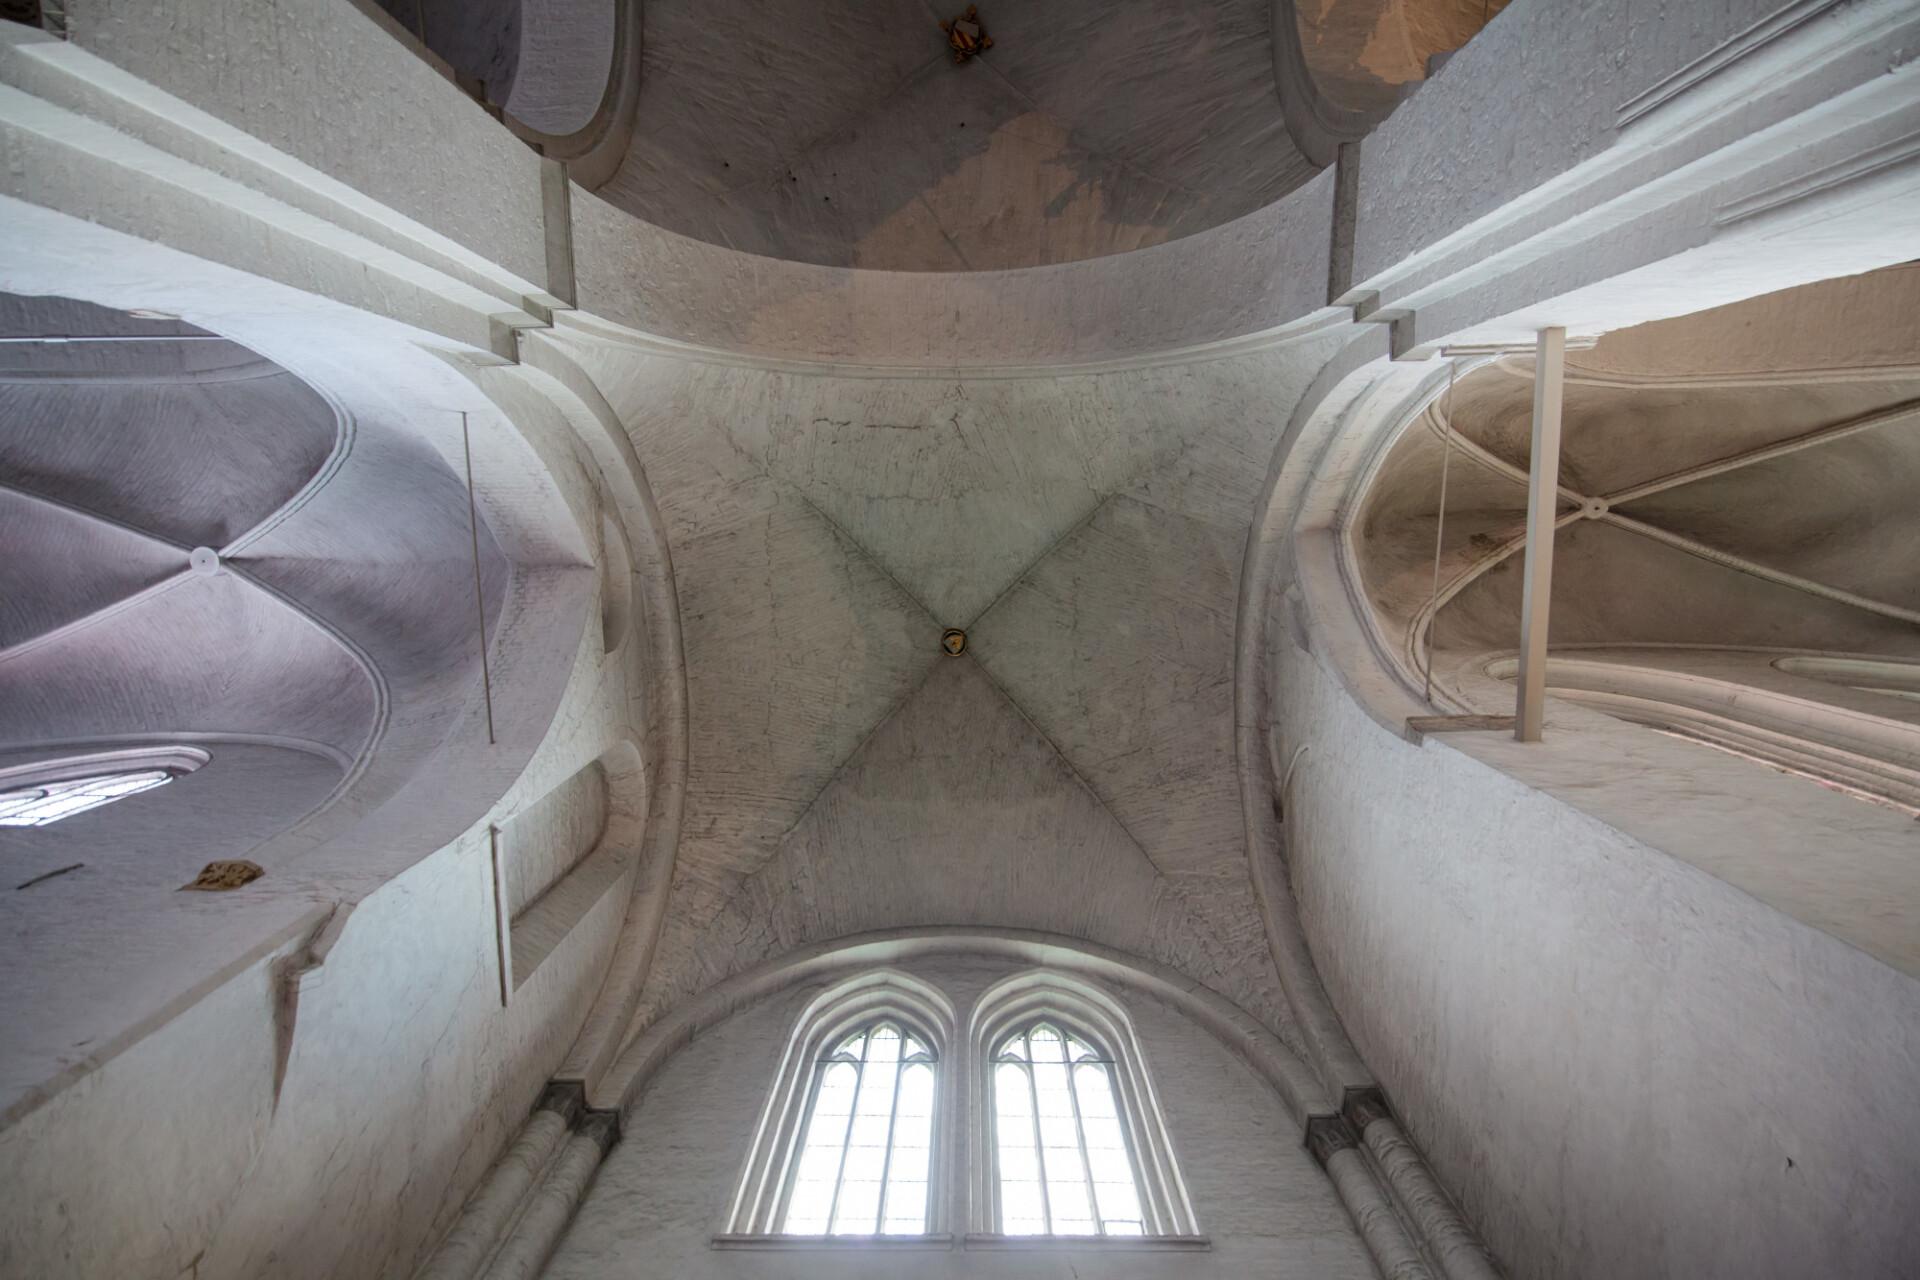 Lübeck Cathedral interior design